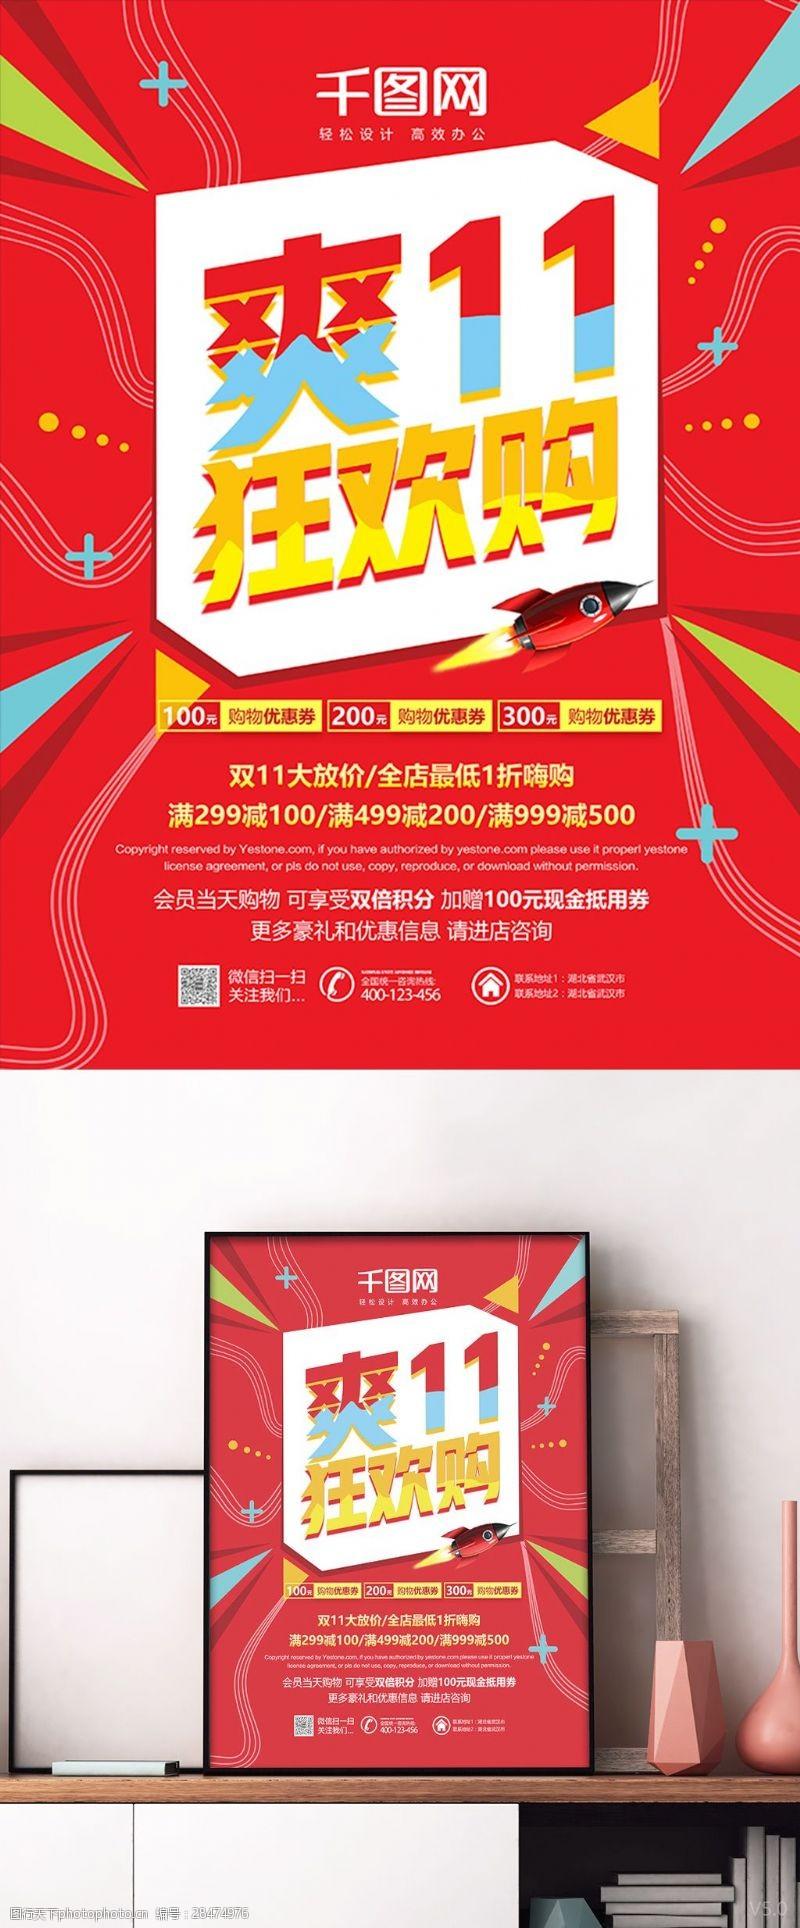 爽十一红色清新简约爽11狂欢购促销活动宣传海报